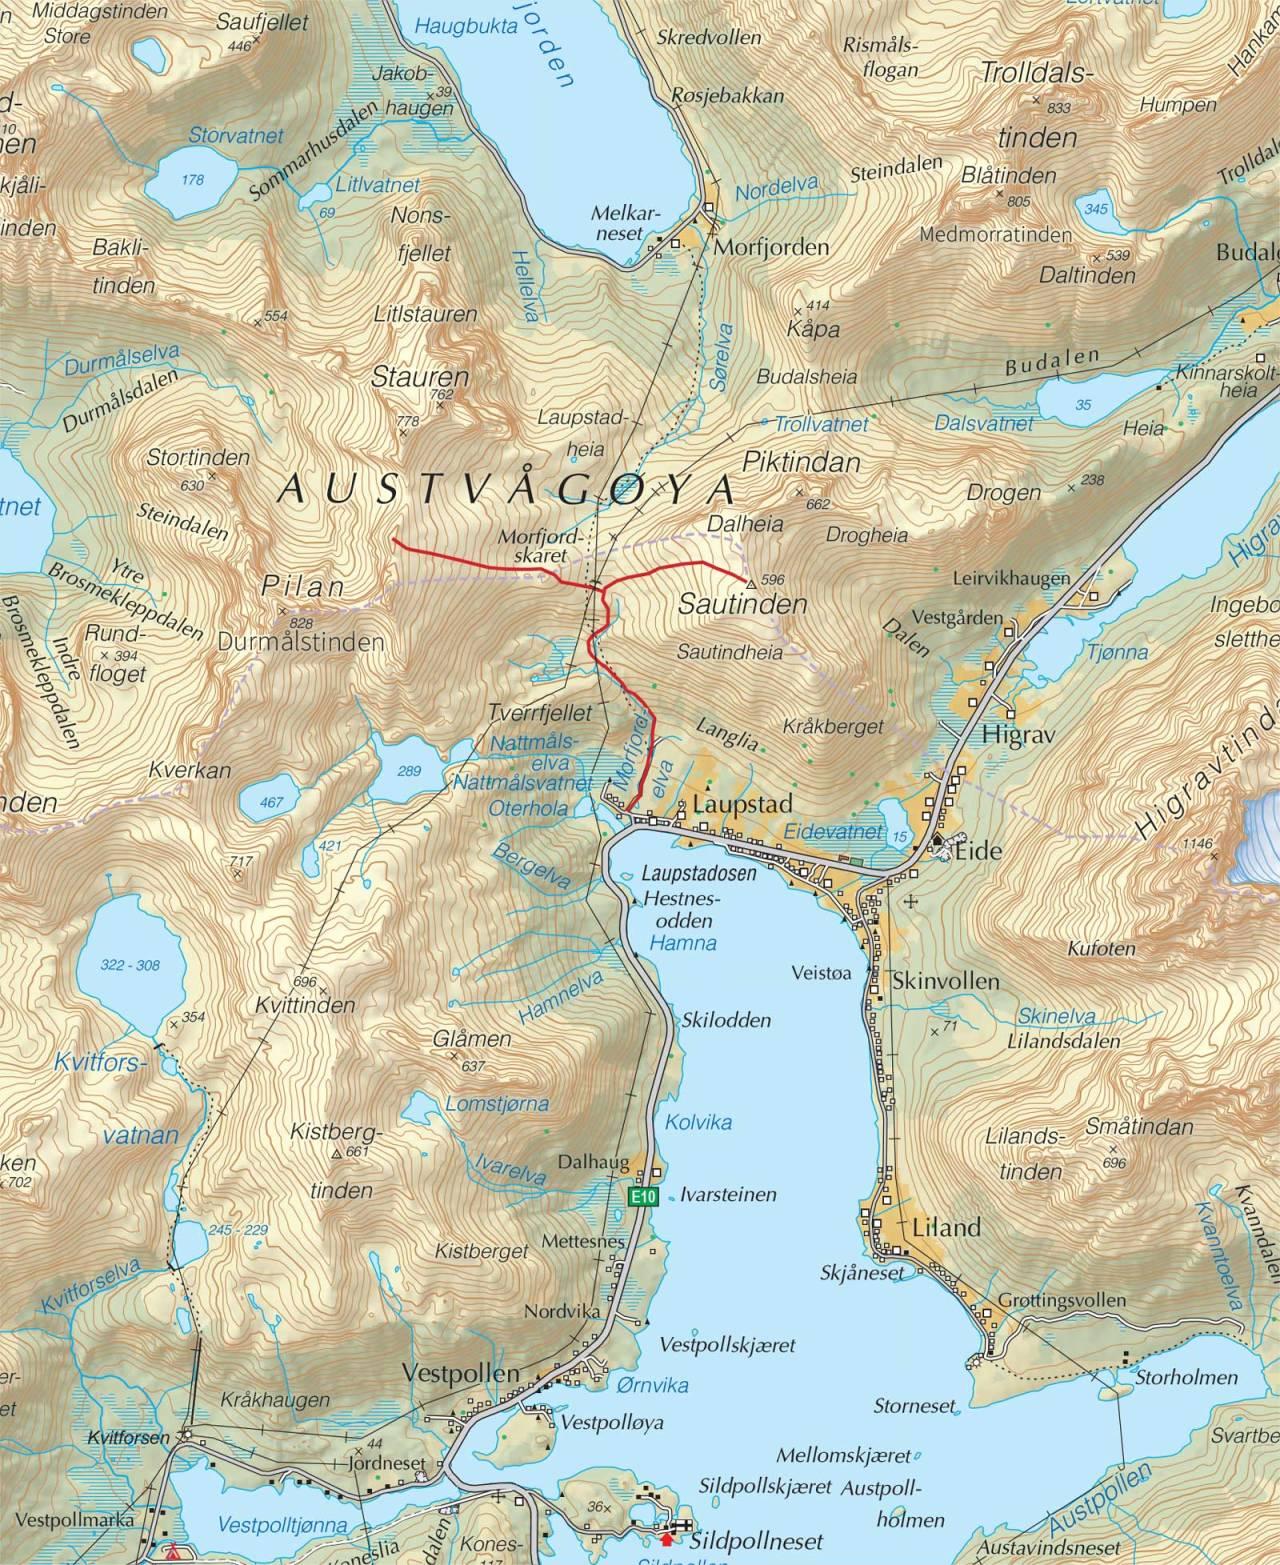 Kart over Pilan og Sautinden med inntegnet rute. Fra Trygge toppturer.